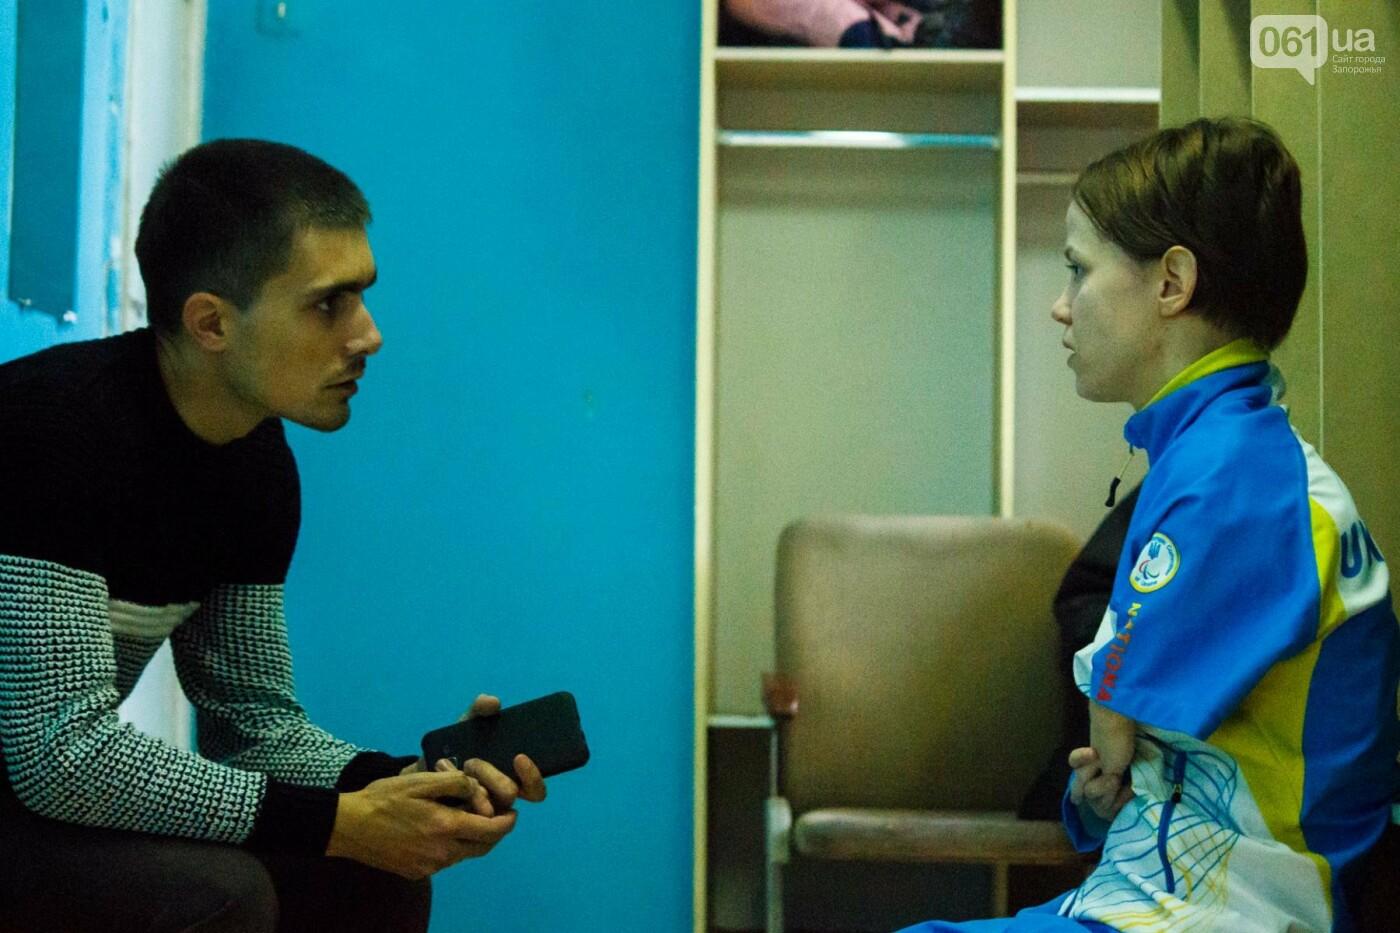 В Запорожье пятикратная чемпионка мира живет у подруги и не может собрать деньги на операцию: история Виктории Марчук, фото-15